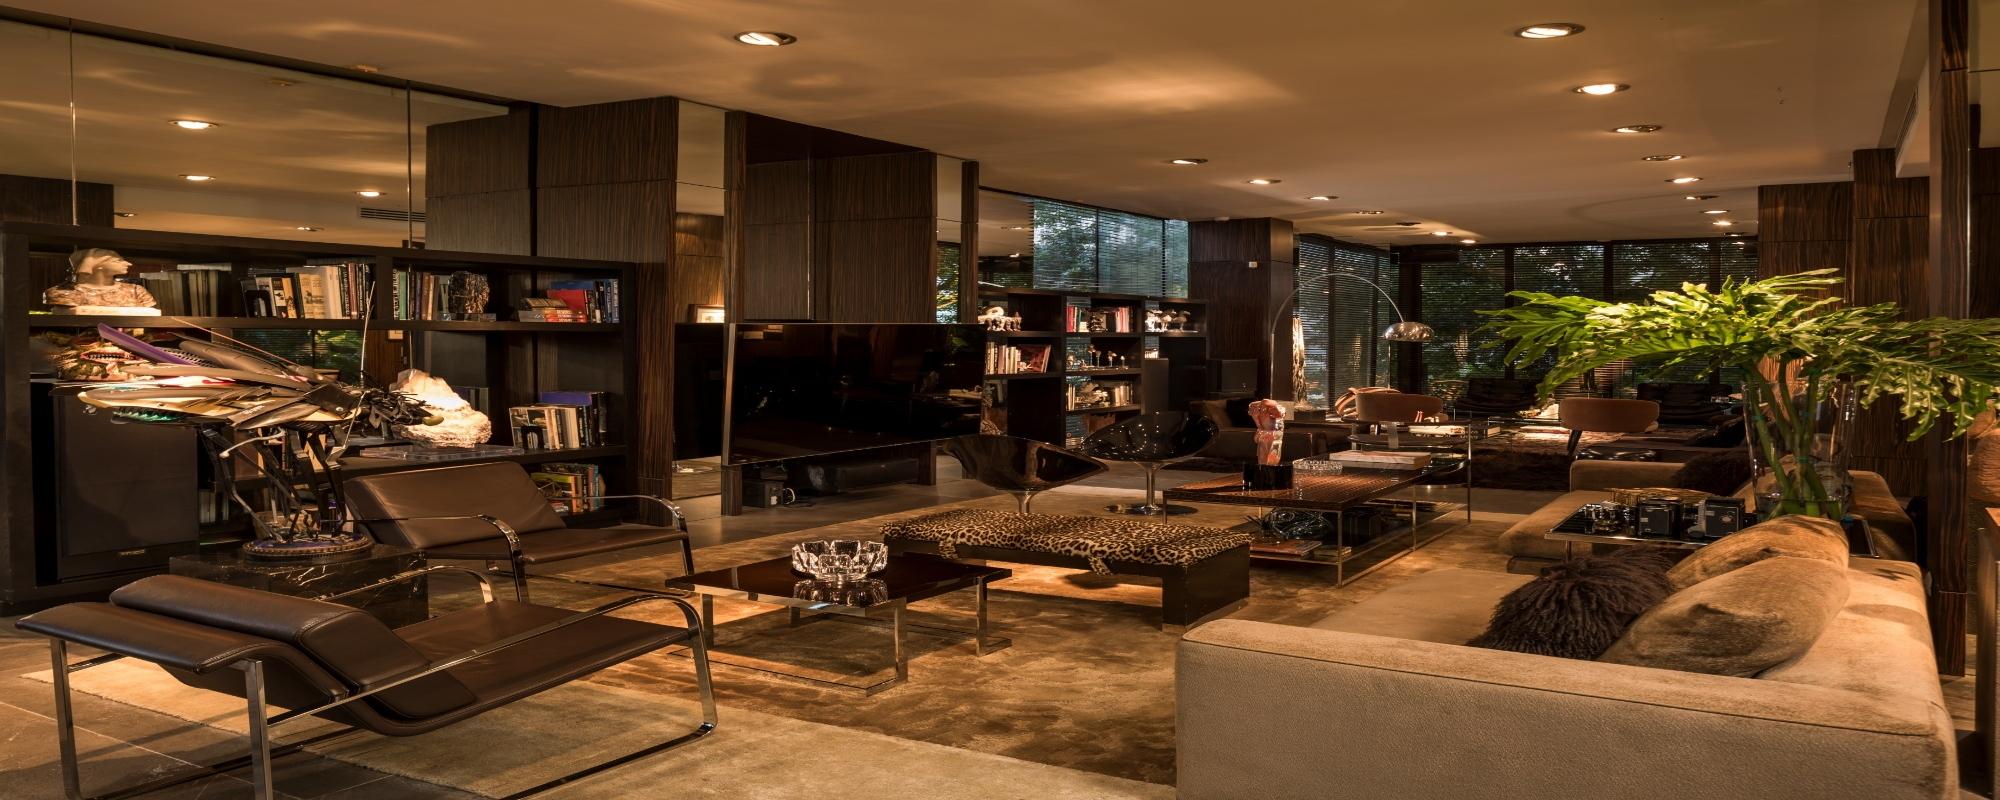 Estudio de Interiorismo: Ernesto Vela crea proyectos elegantes estudio de interiorismo Estudio de Interiorismo: Ernesto Vela crea proyectos elegantes Featured